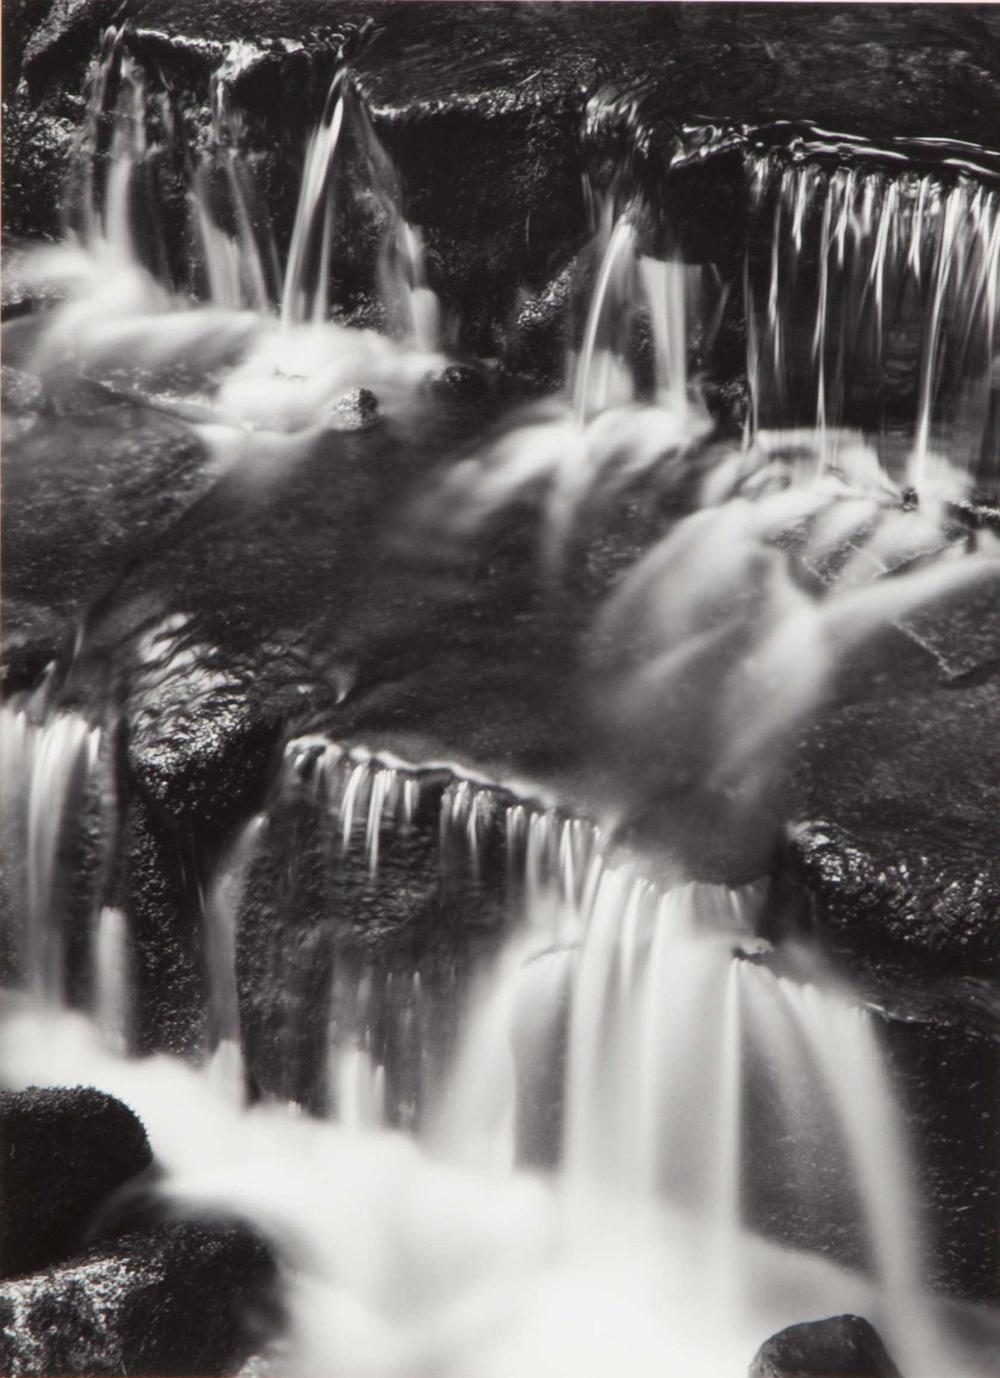 Ansel Adams, Fern Spring, Dusk, 1961